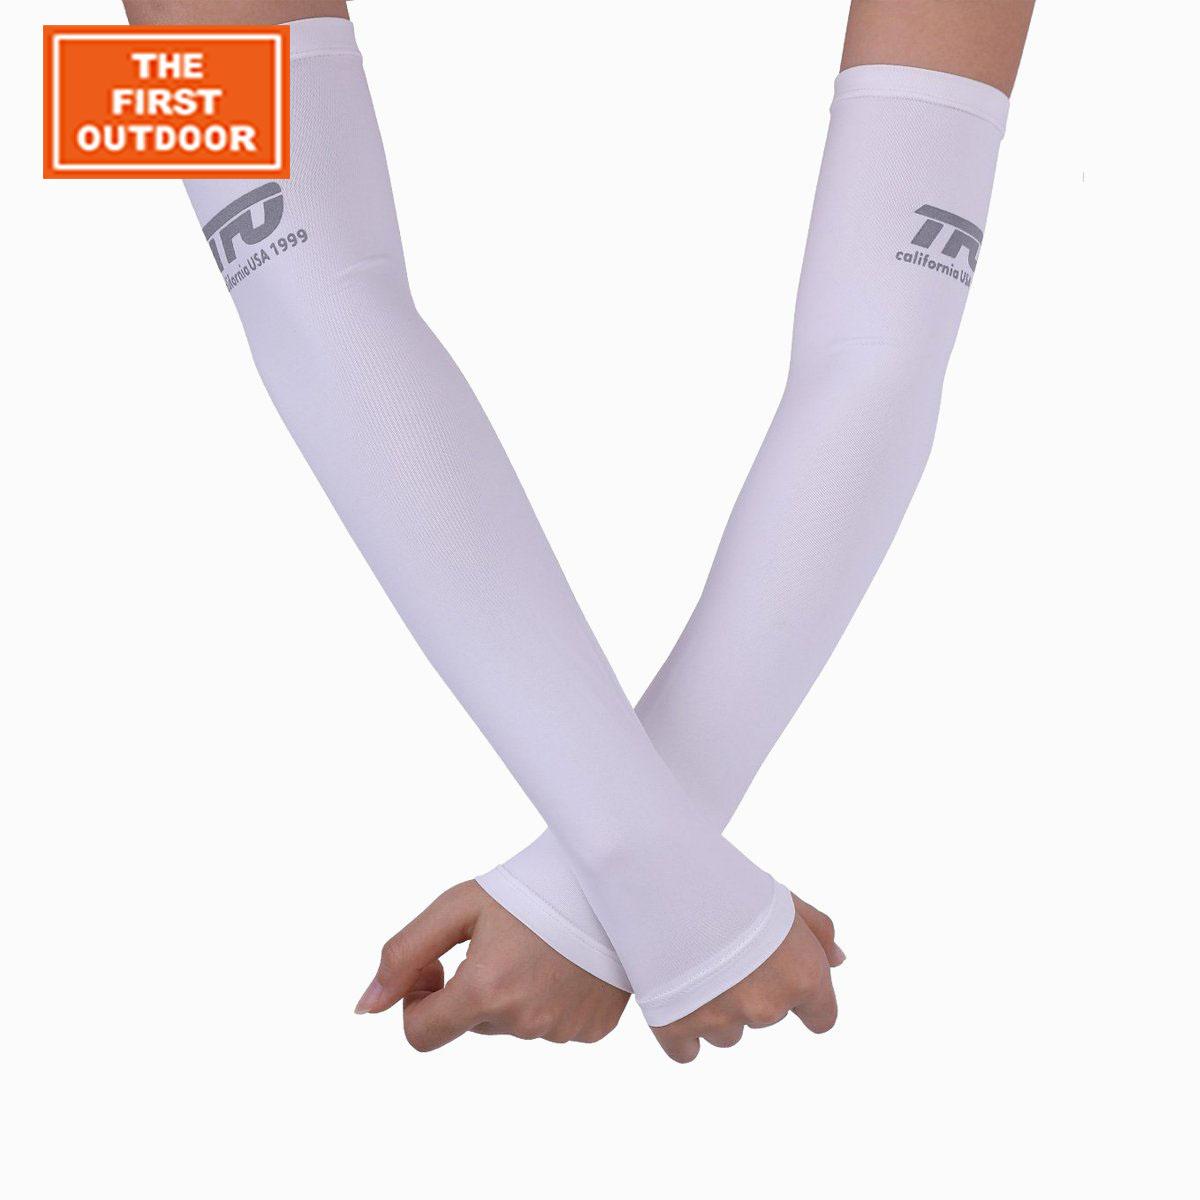 美国第一户外袖套男夏季冰丝凉滑护臂套骑行开车韩版防晒冰袖女